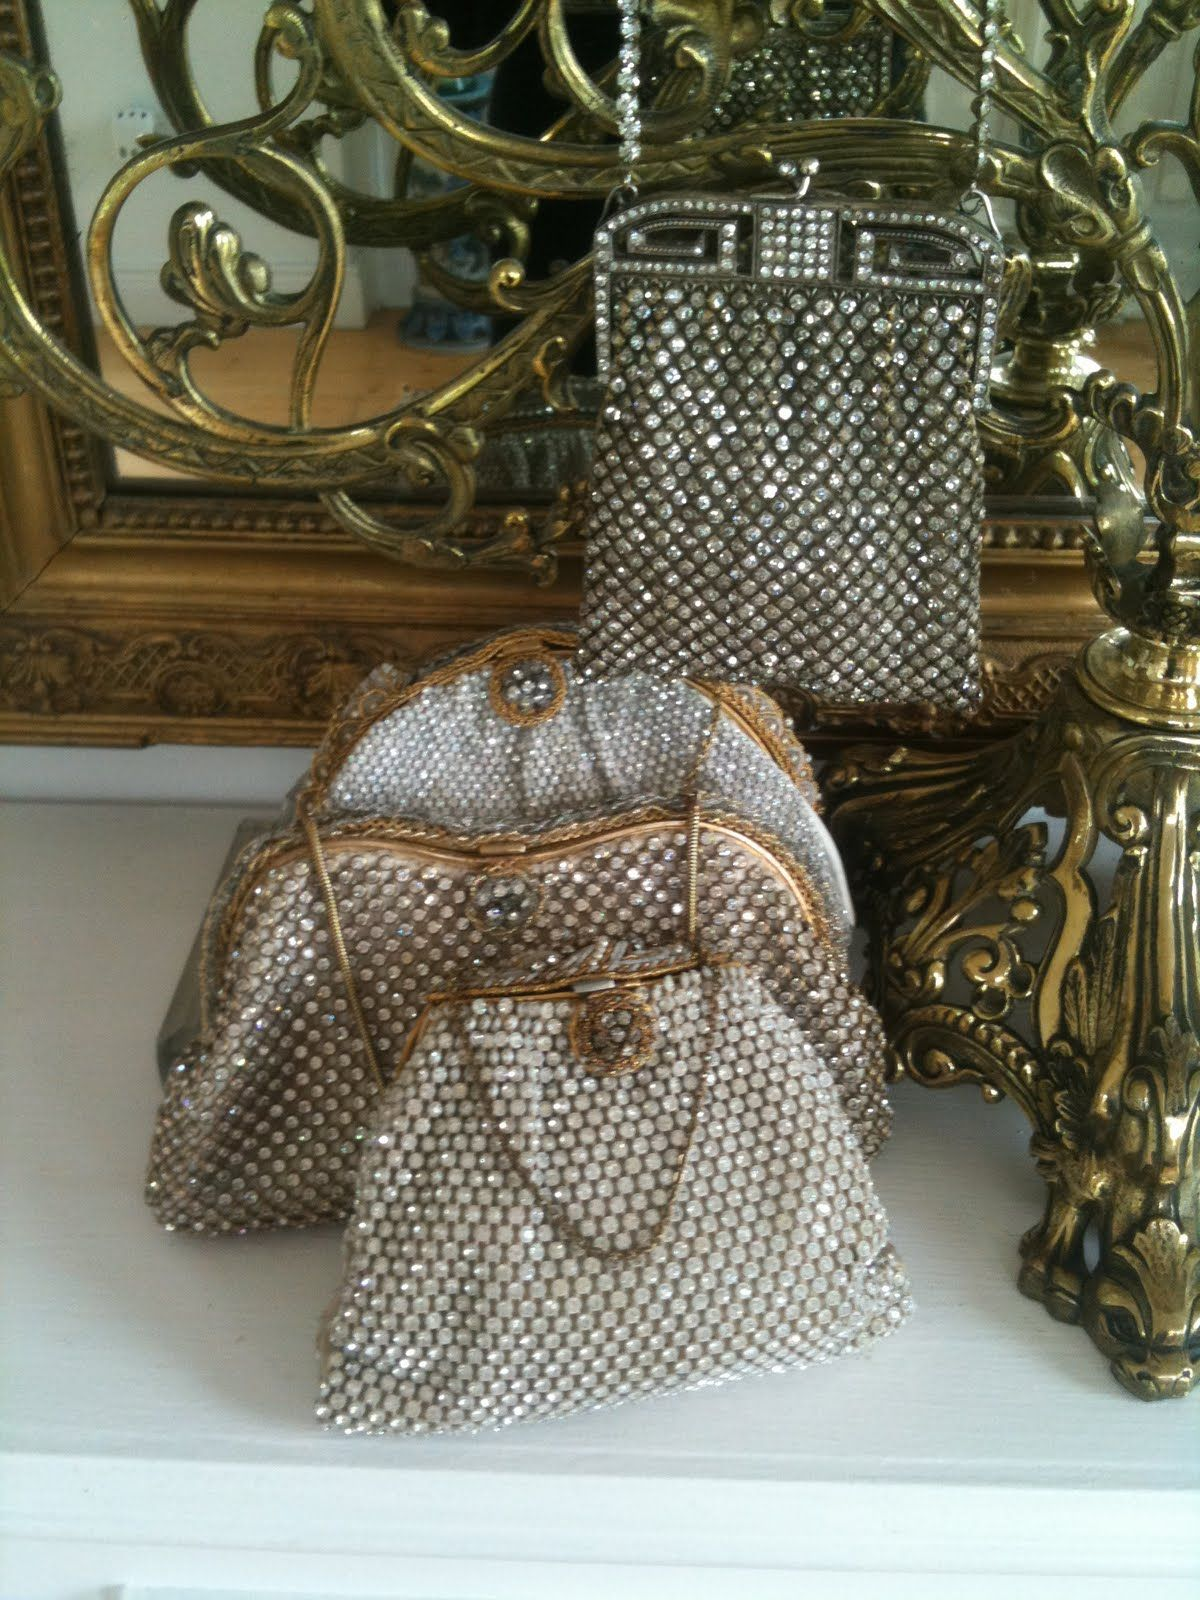 c7213935e2 Jewelled purses.